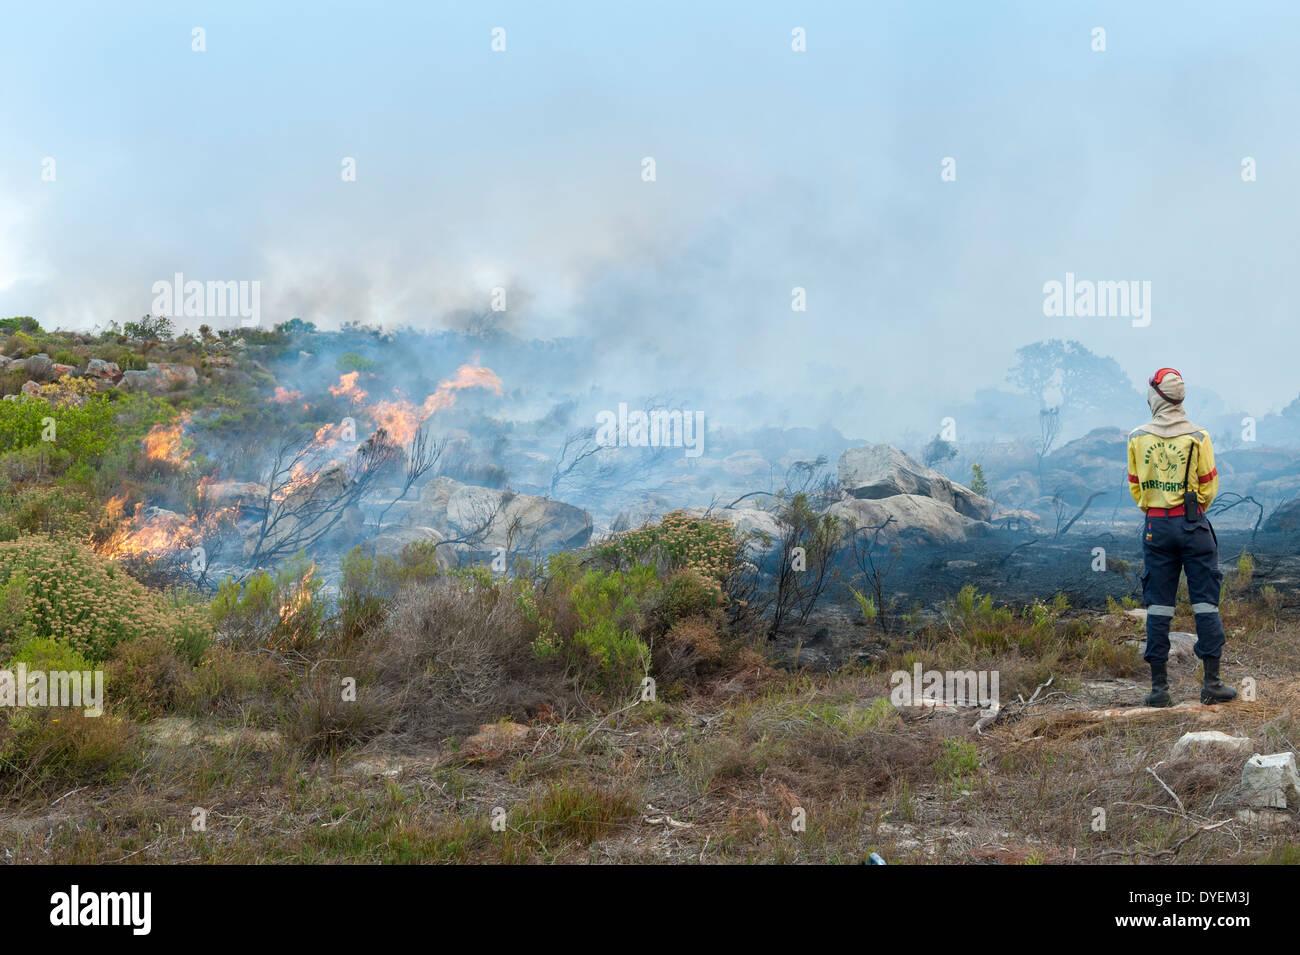 Firefighter esercizi bruciando controllato della vegetazione per stimolare una nuova crescita, Cape Peninsula, Western Cape, Sud Africa Immagini Stock